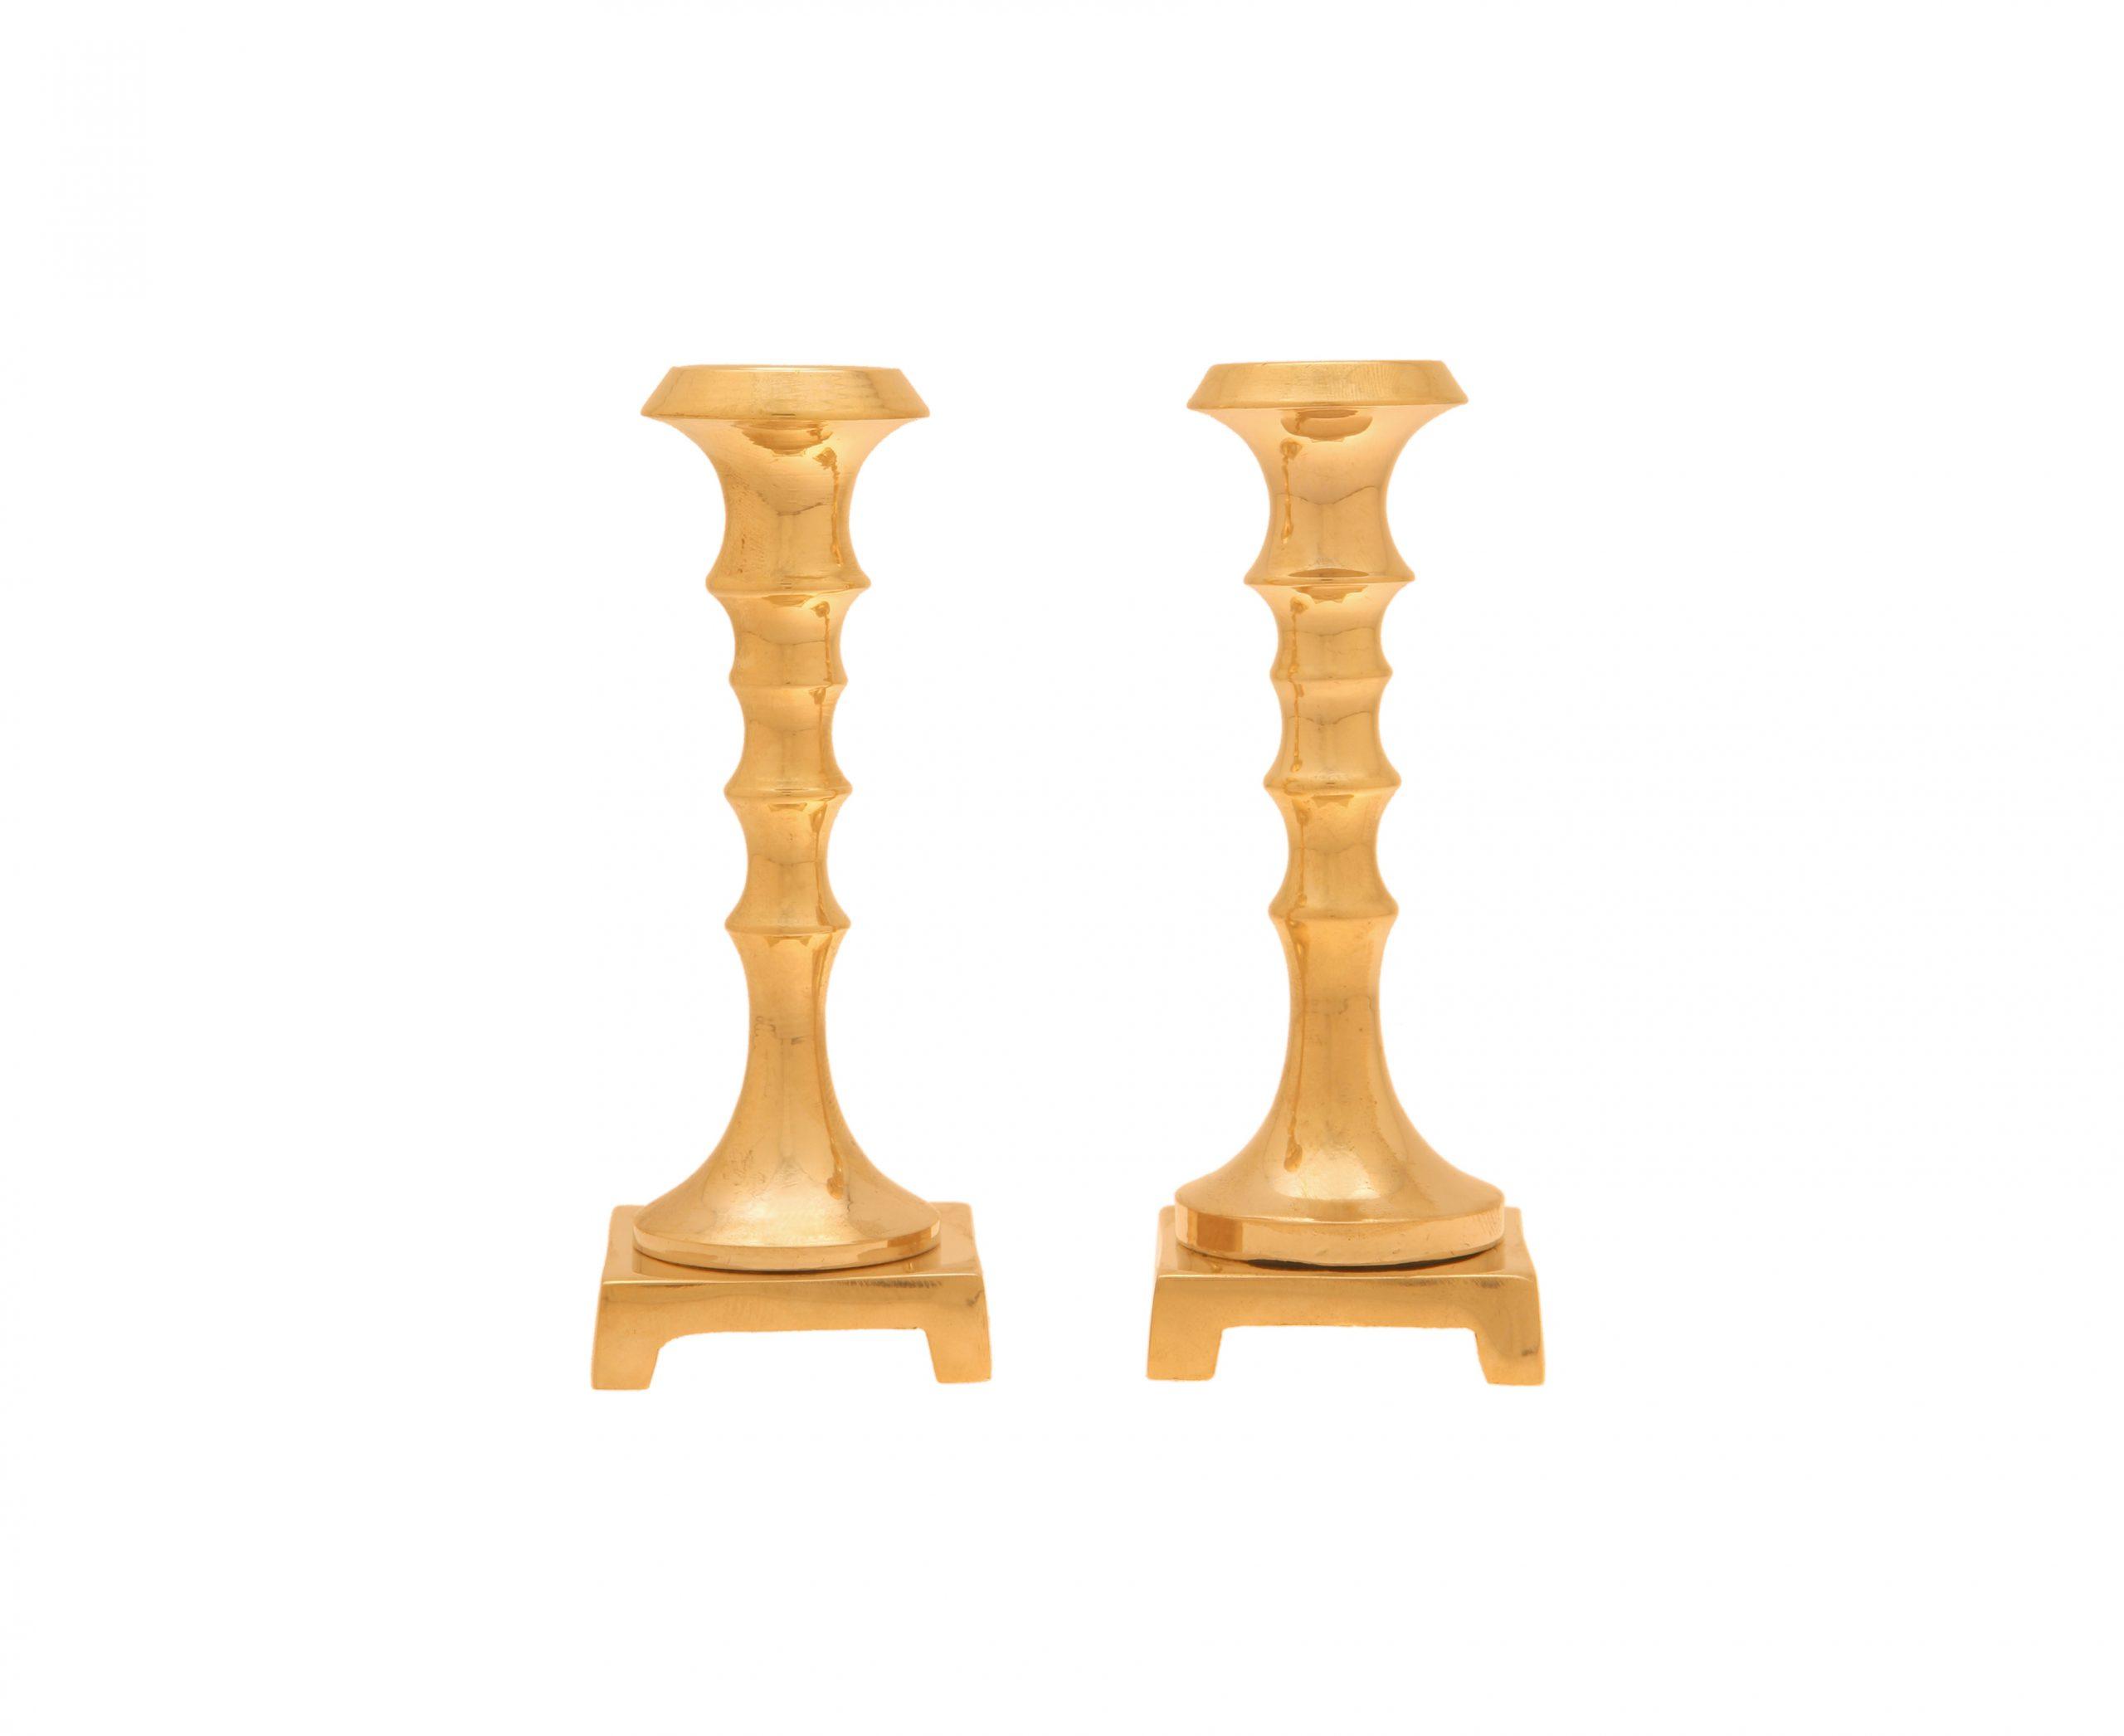 Sabbath Candlesticks (brass)